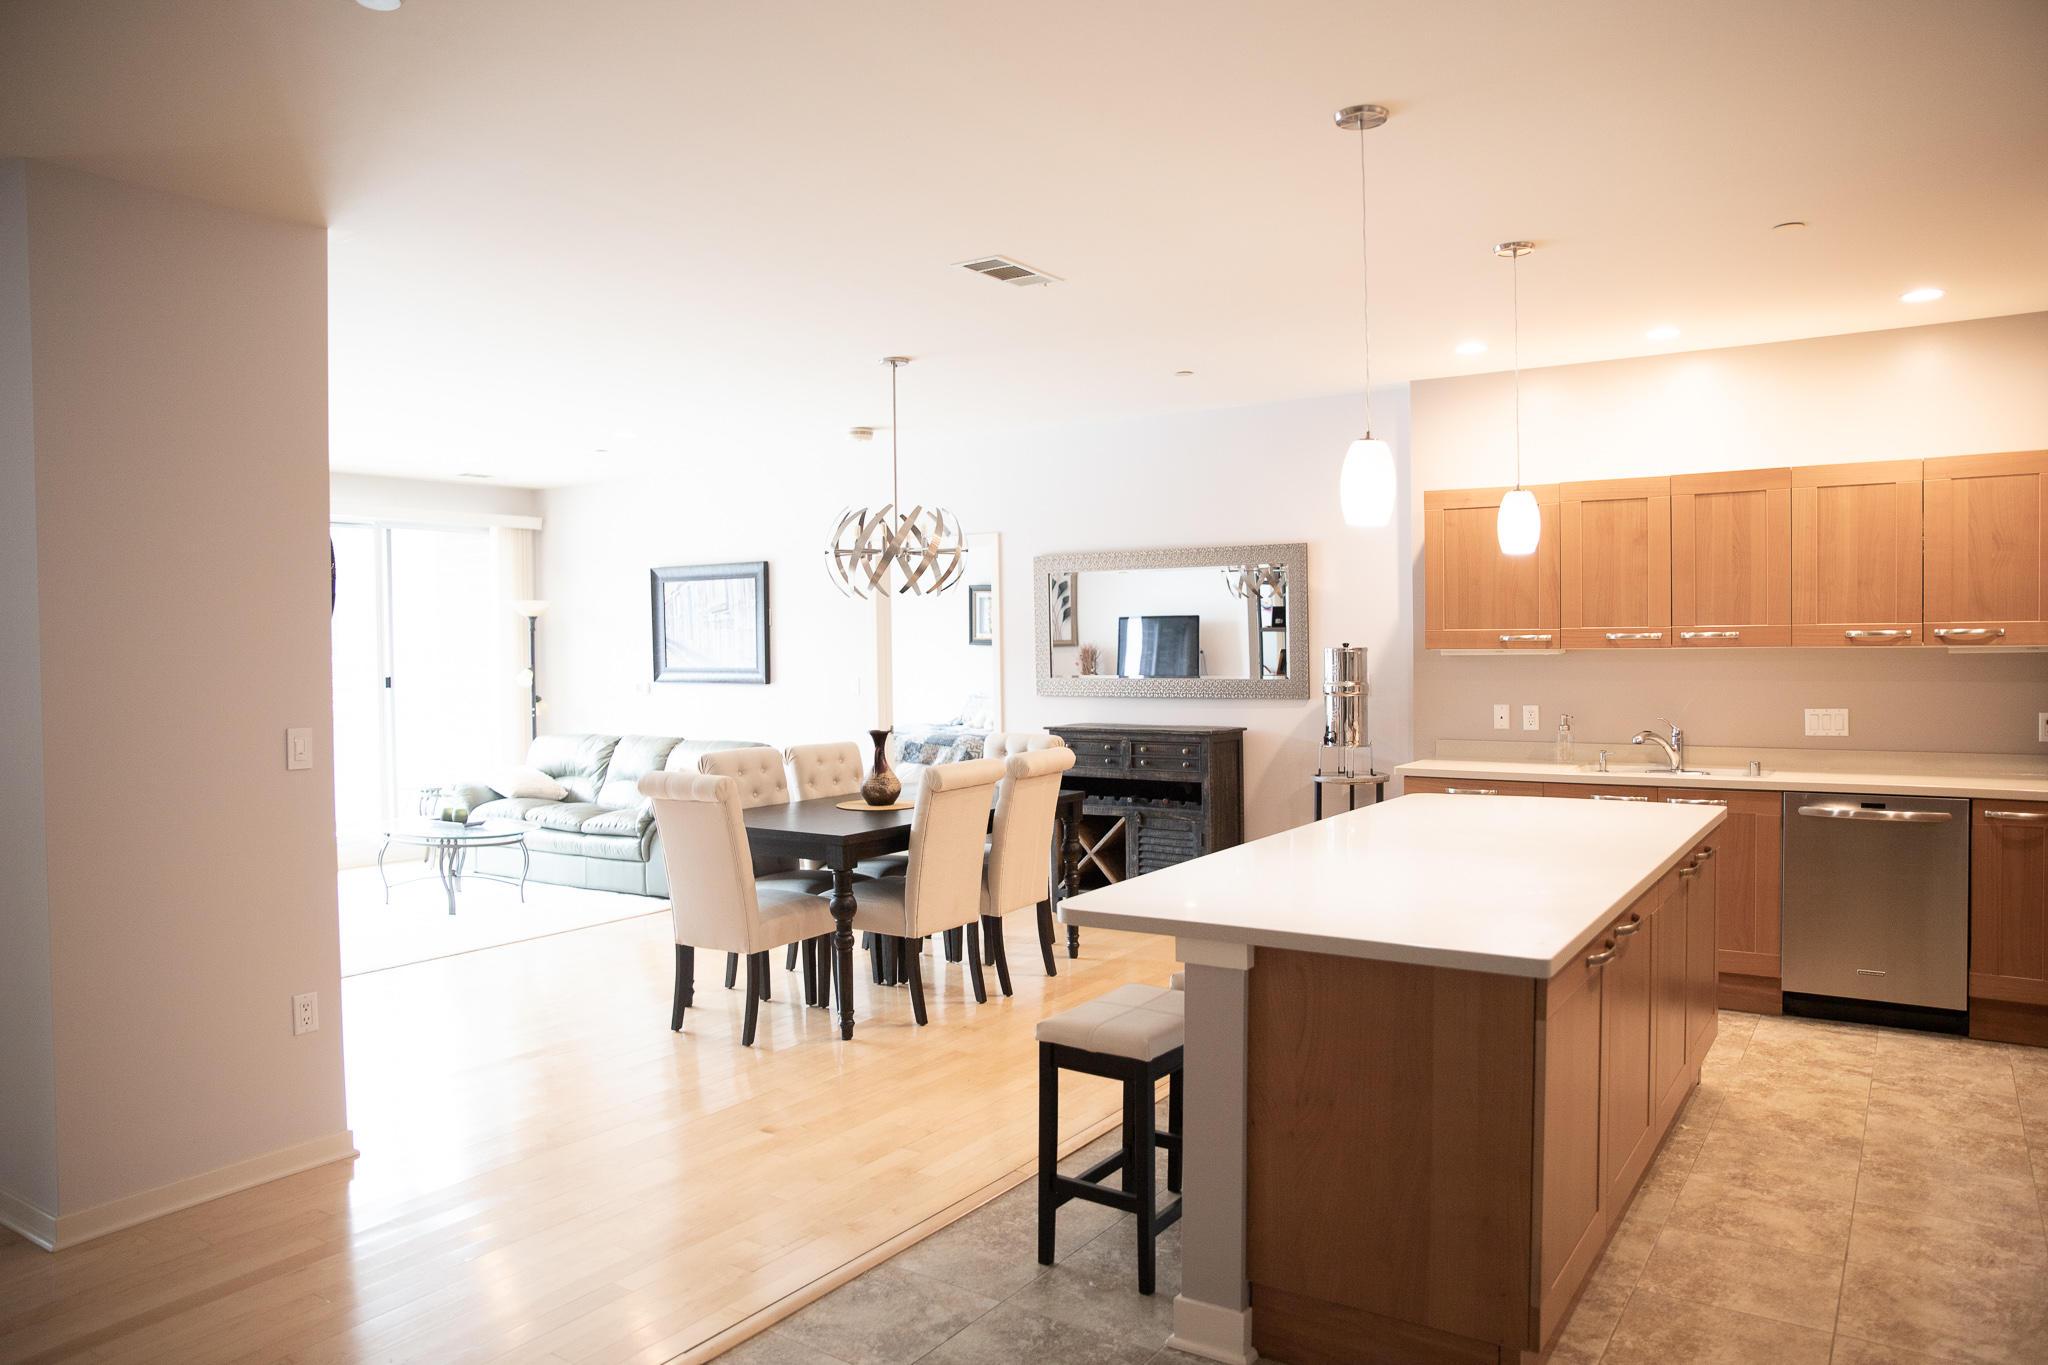 1522 Prospect, Milwaukee, Wisconsin 53202, 2 Bedrooms Bedrooms, 5 Rooms Rooms,2 BathroomsBathrooms,Condominium,For Sale,Prospect,1722974